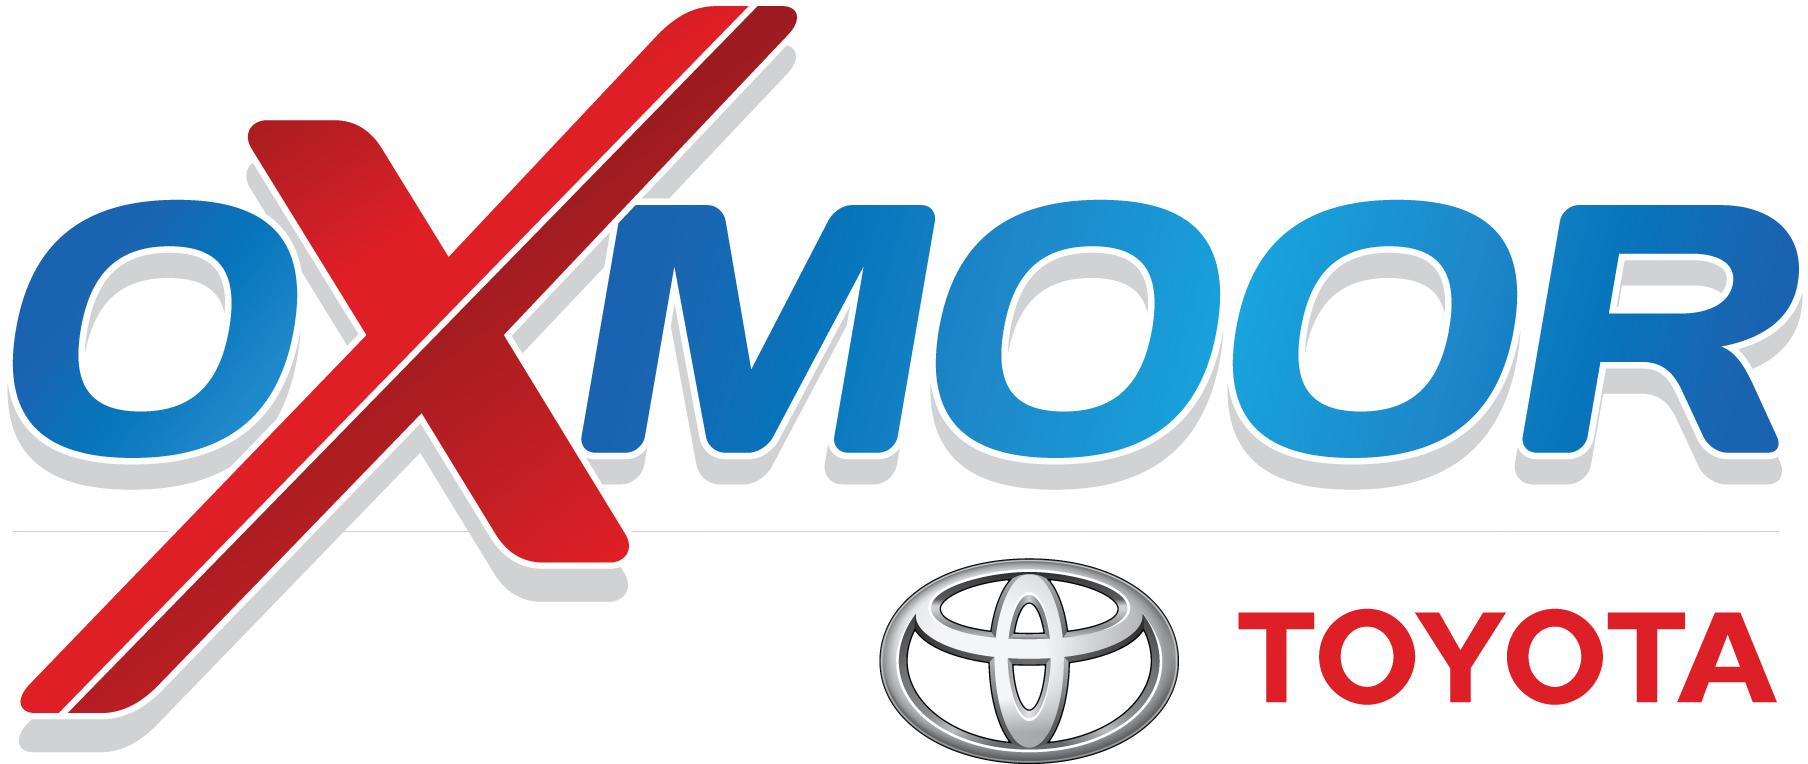 OxmoorToyota